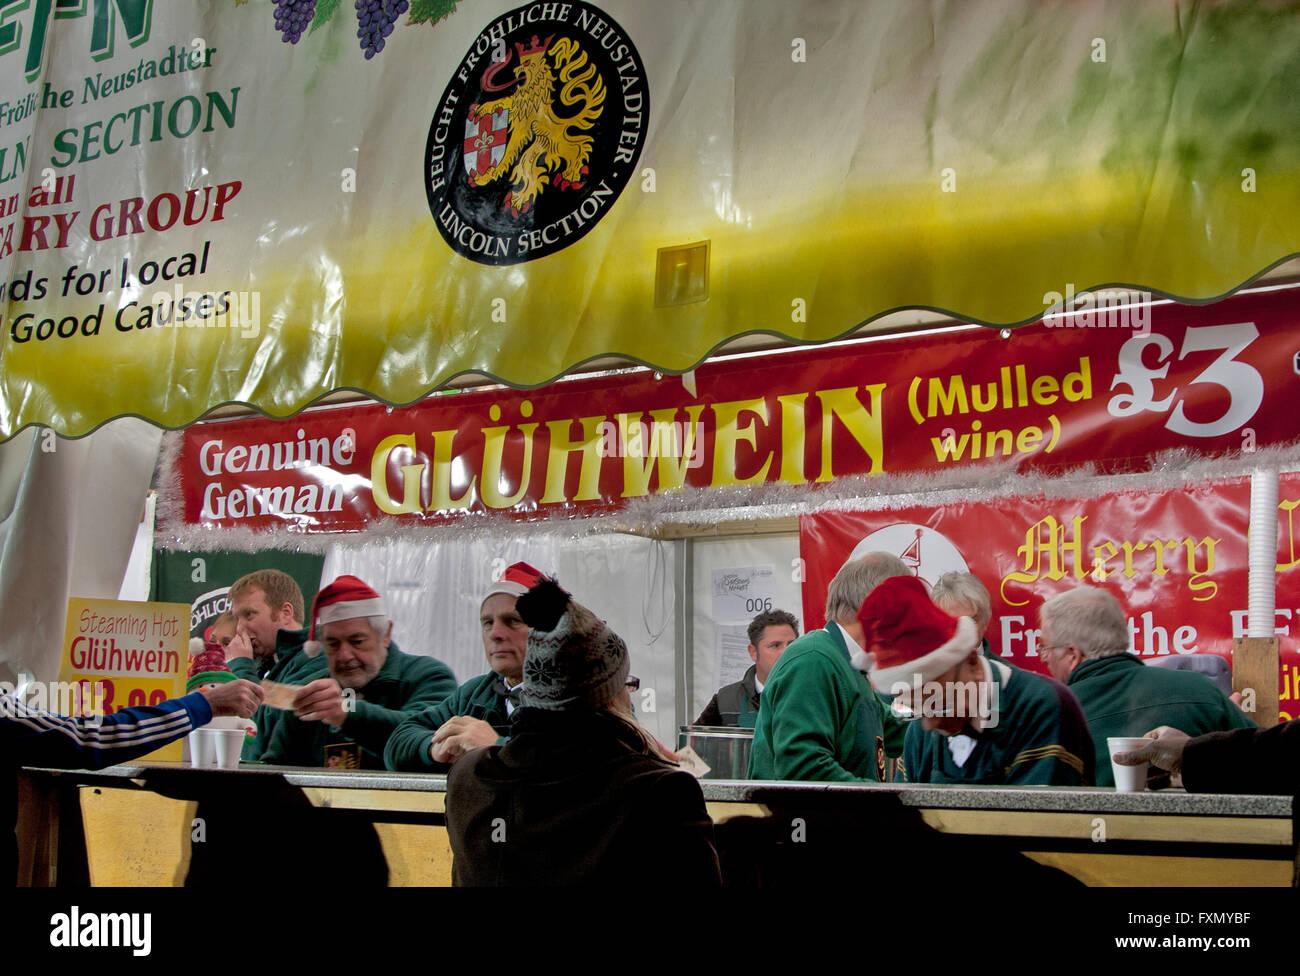 Weihnachtsmarkt in Lincoln, Lincolnshire, England, ein Messestand aus Neustadt, Deutschland, Verkauf von heißen Stockfoto